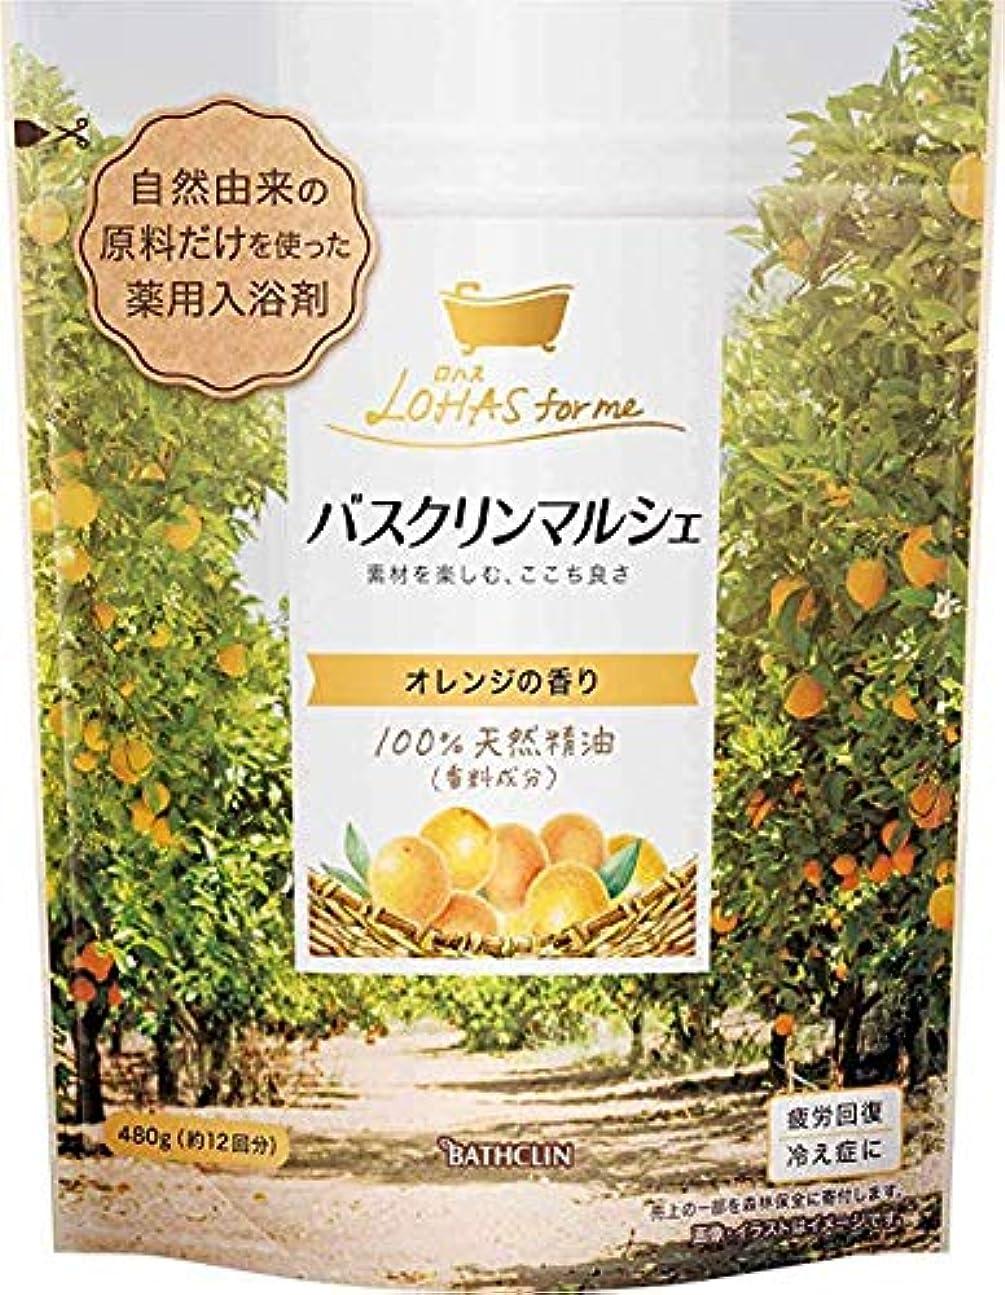 混乱させるボックス無駄な【合成香料無添加/医薬部外品】バスクリンマルシェオレンジの香り480g入浴剤